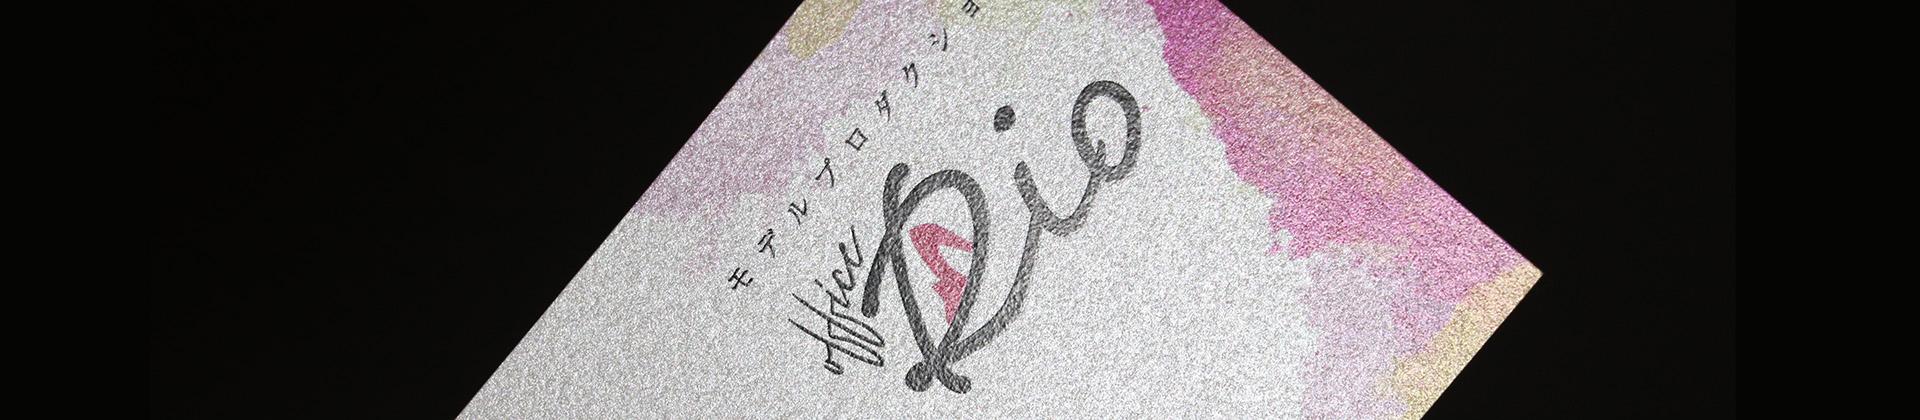 株式会社オフィスリオ様名刺デザイン